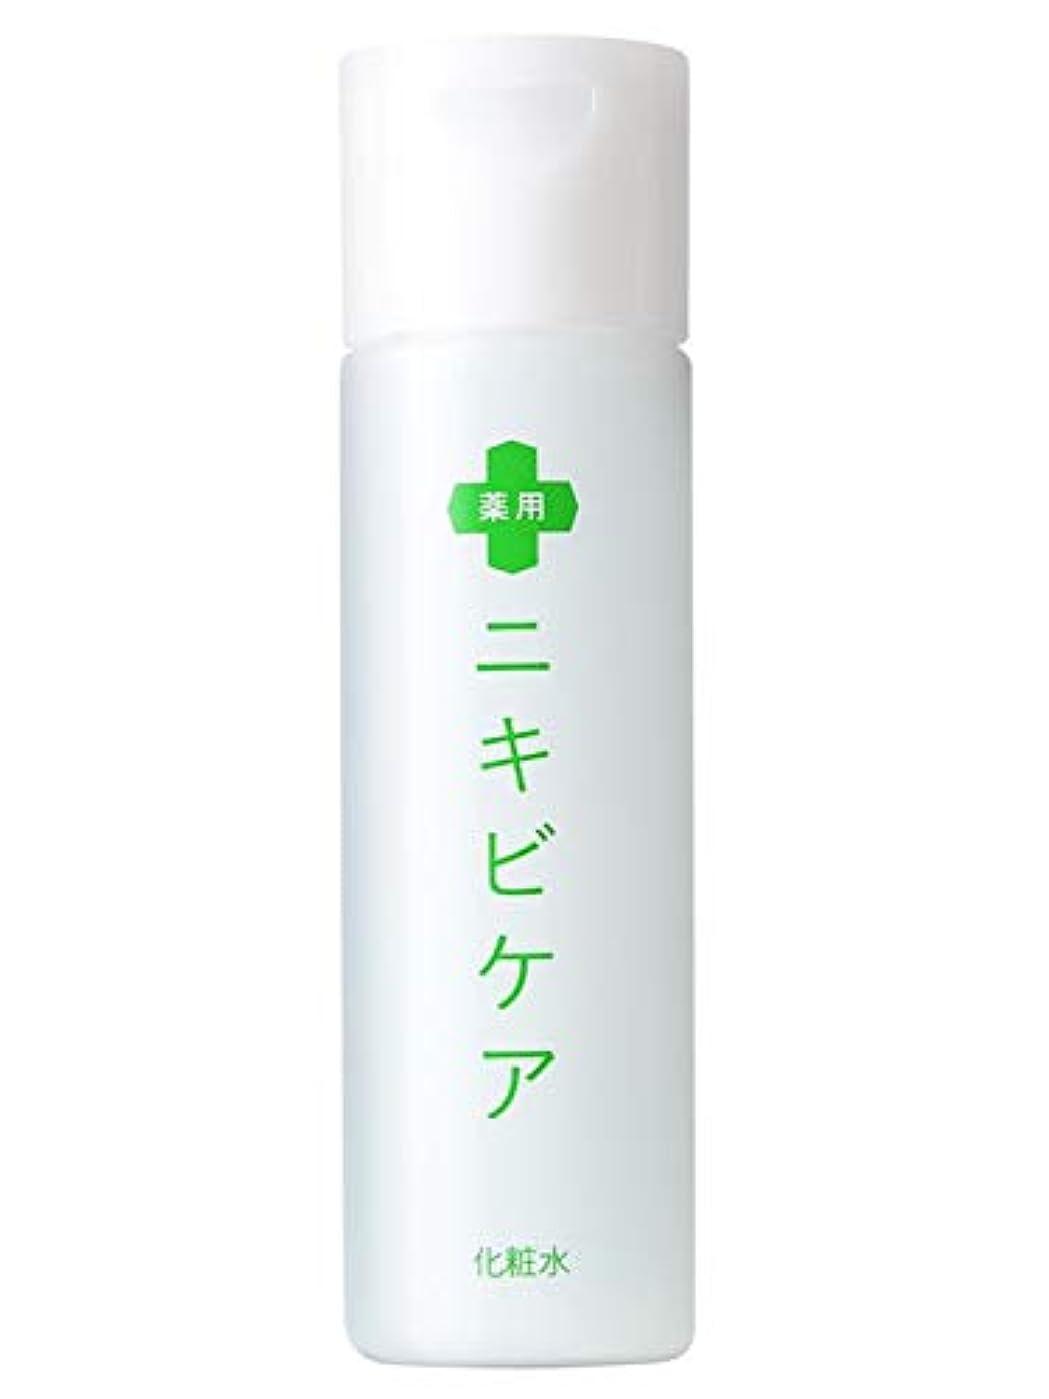 アナログ葉を集める首尾一貫した医薬部外品 薬用 ニキビケア 化粧水 大人ニキビ 予防「 あご おでこ 鼻 ニキビ アクネ 対策」「 肌をひきしめサラサラに 」「 コラーゲン プラセンタ 配合 」 メンズ & レディース 120ml